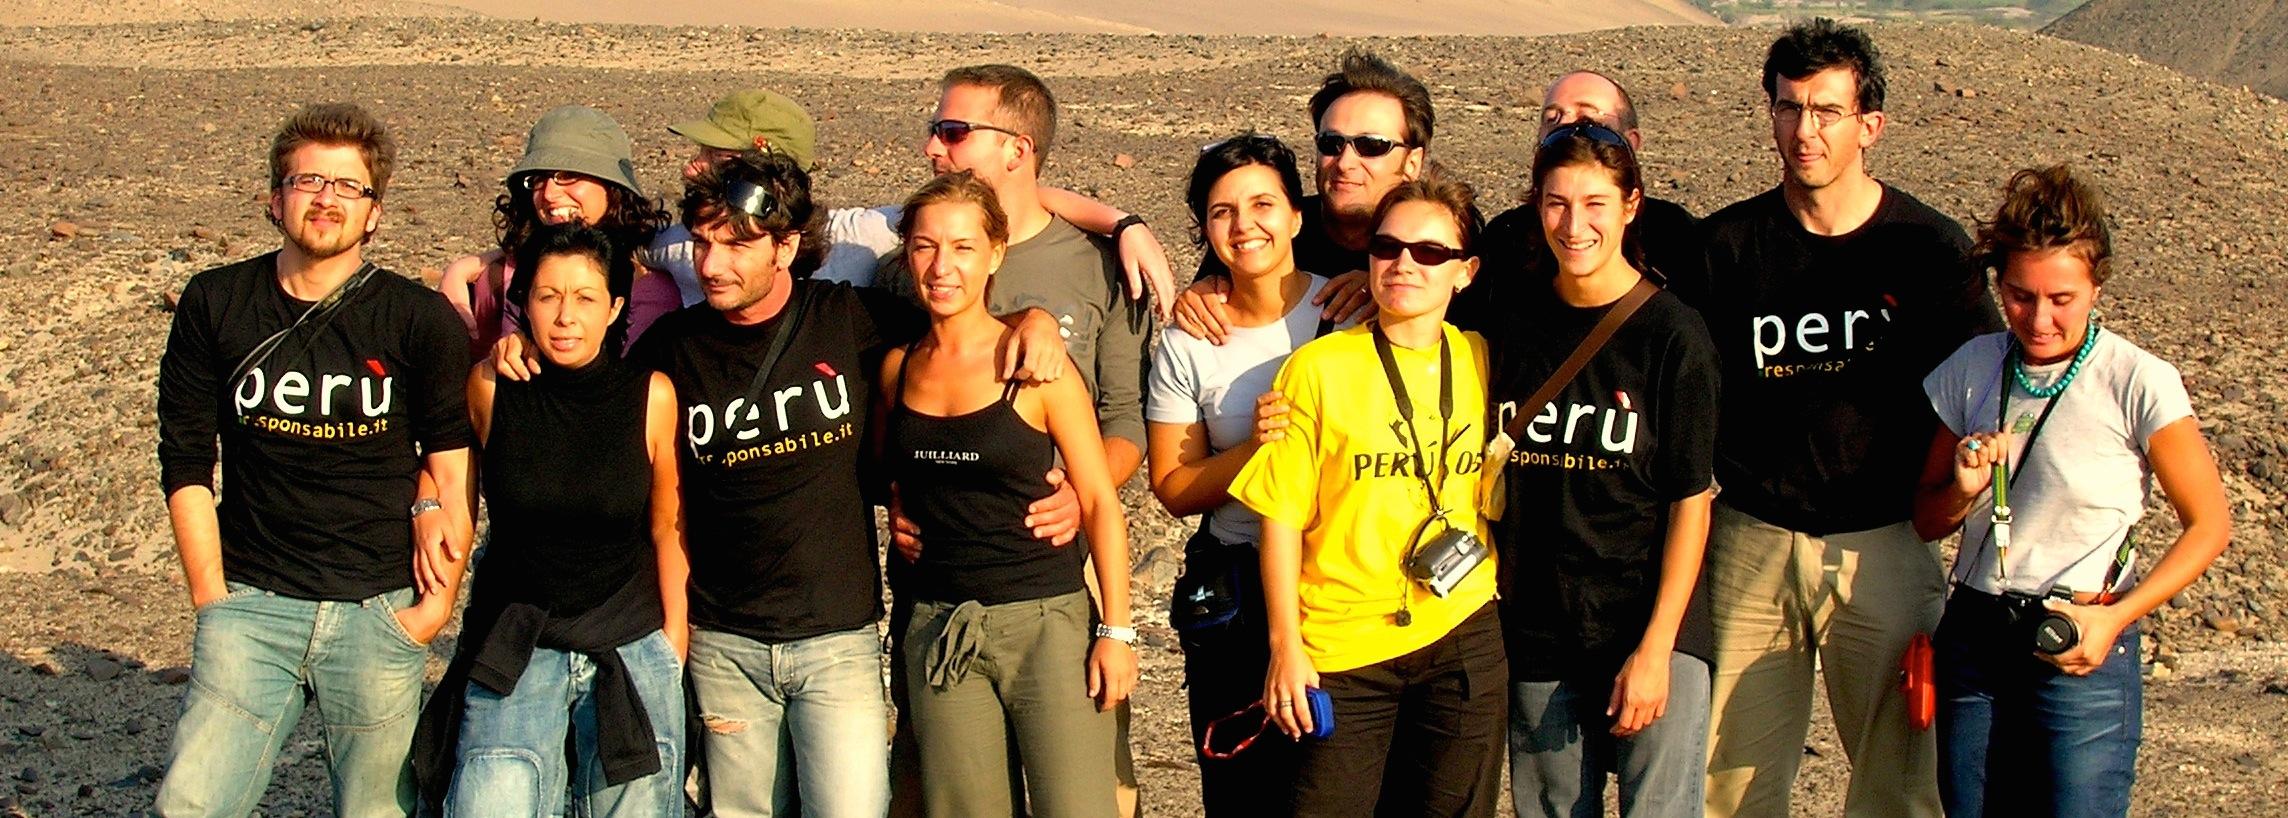 4x4 in Peru nazca